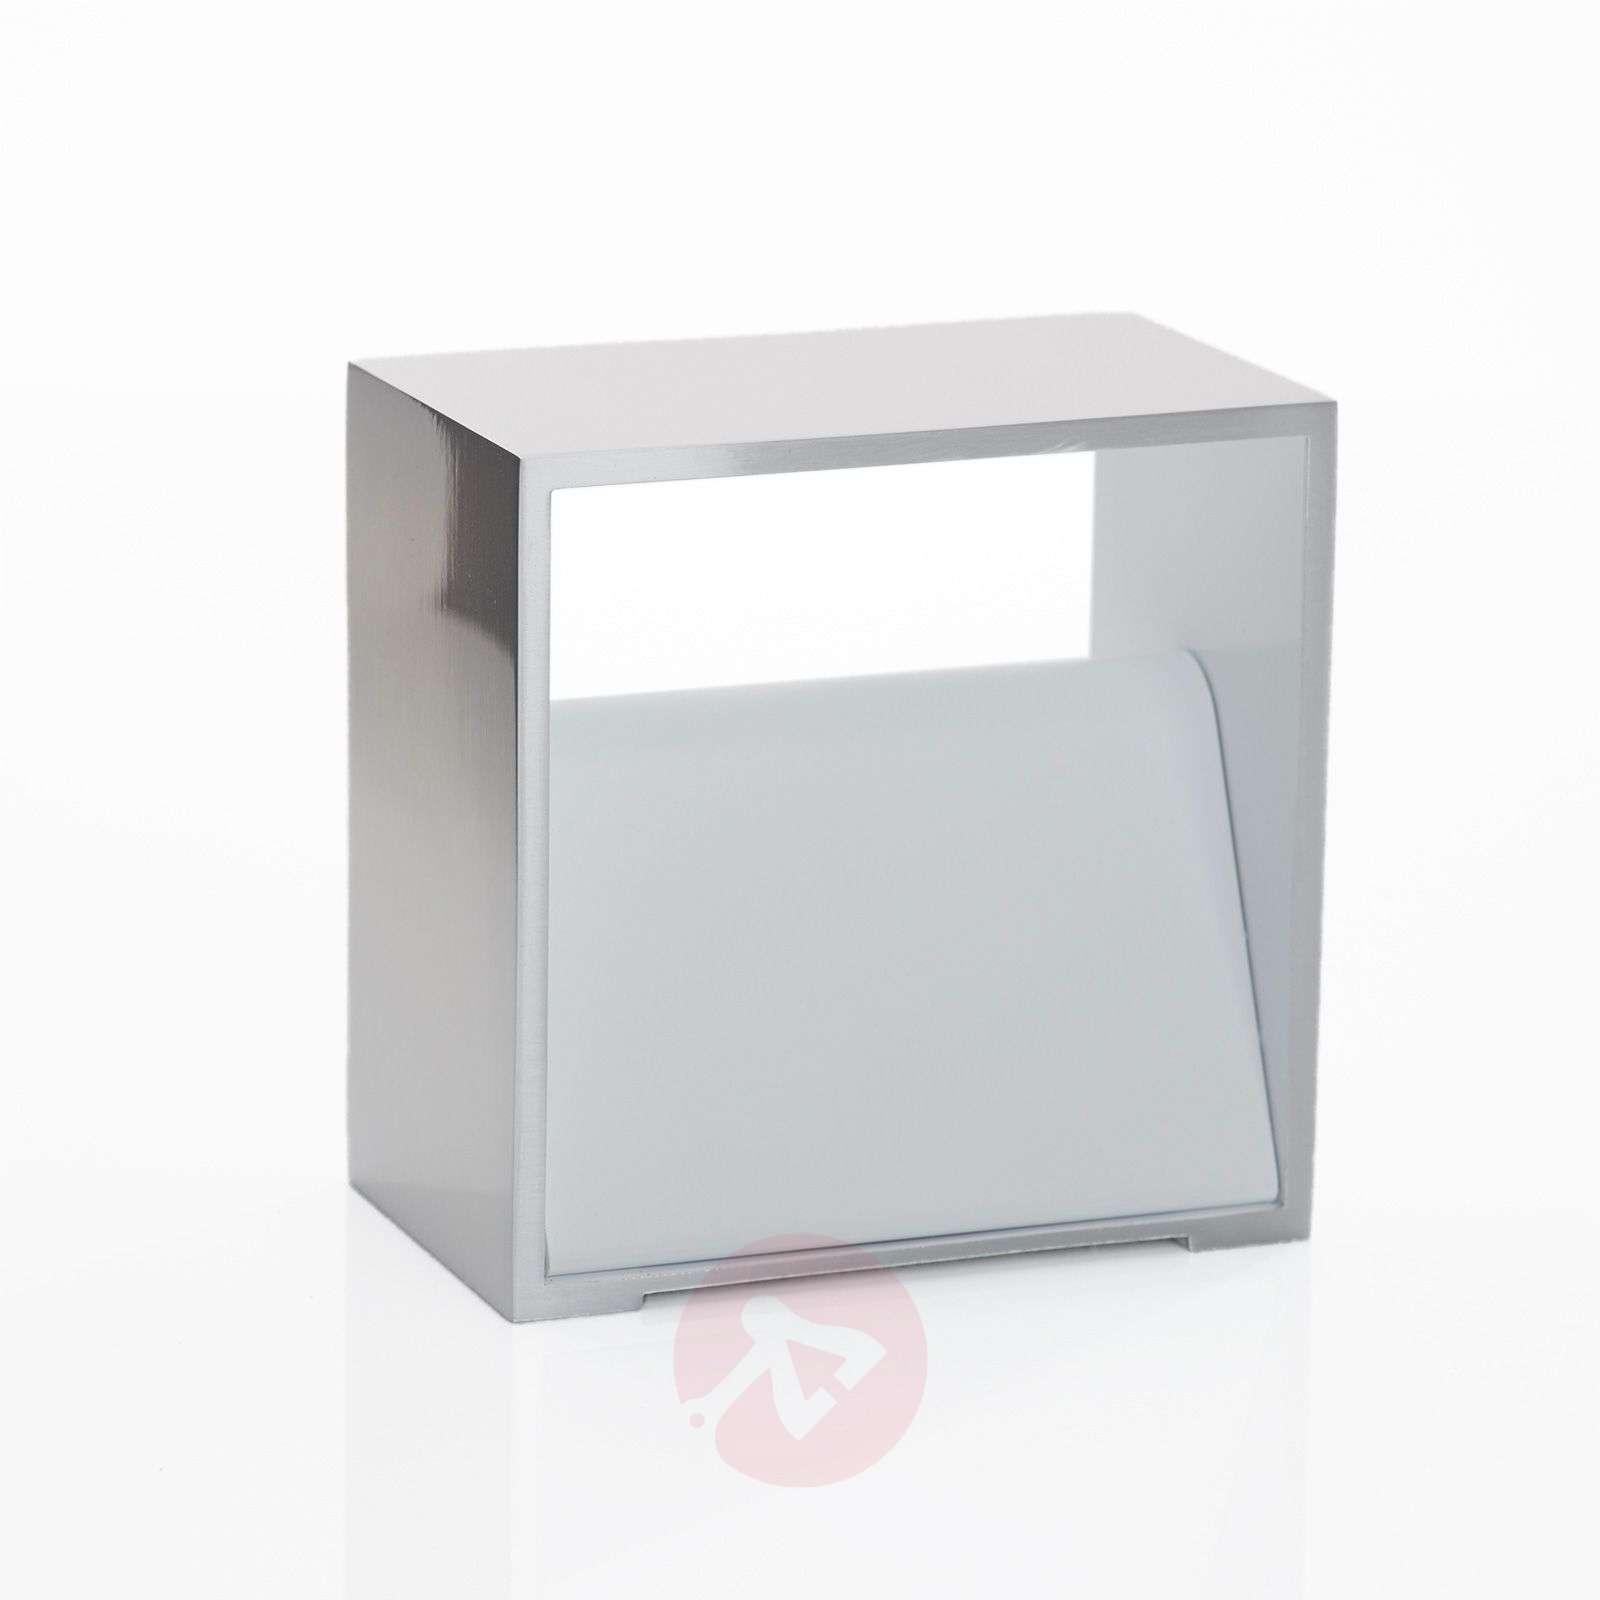 B-Leuchten Cube wall light chrome-1554045-01